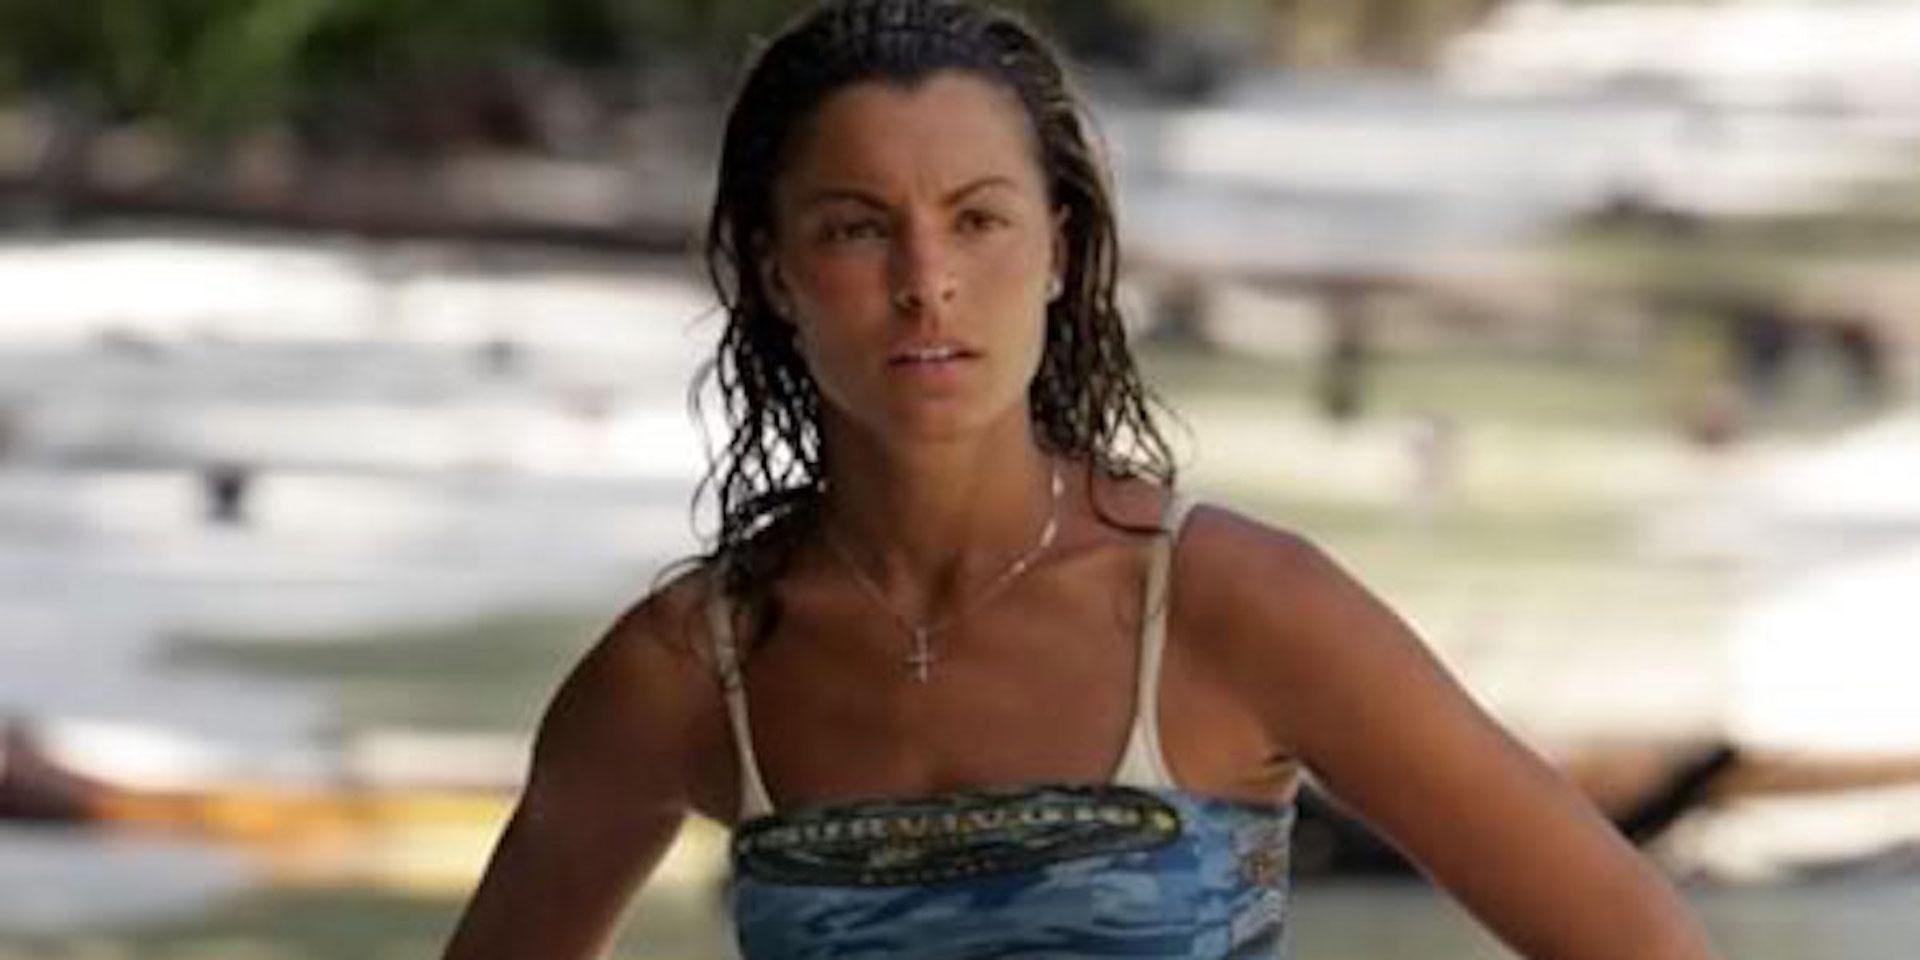 Stephenie LaGrossa is a tribe of one on Survivor: Palau